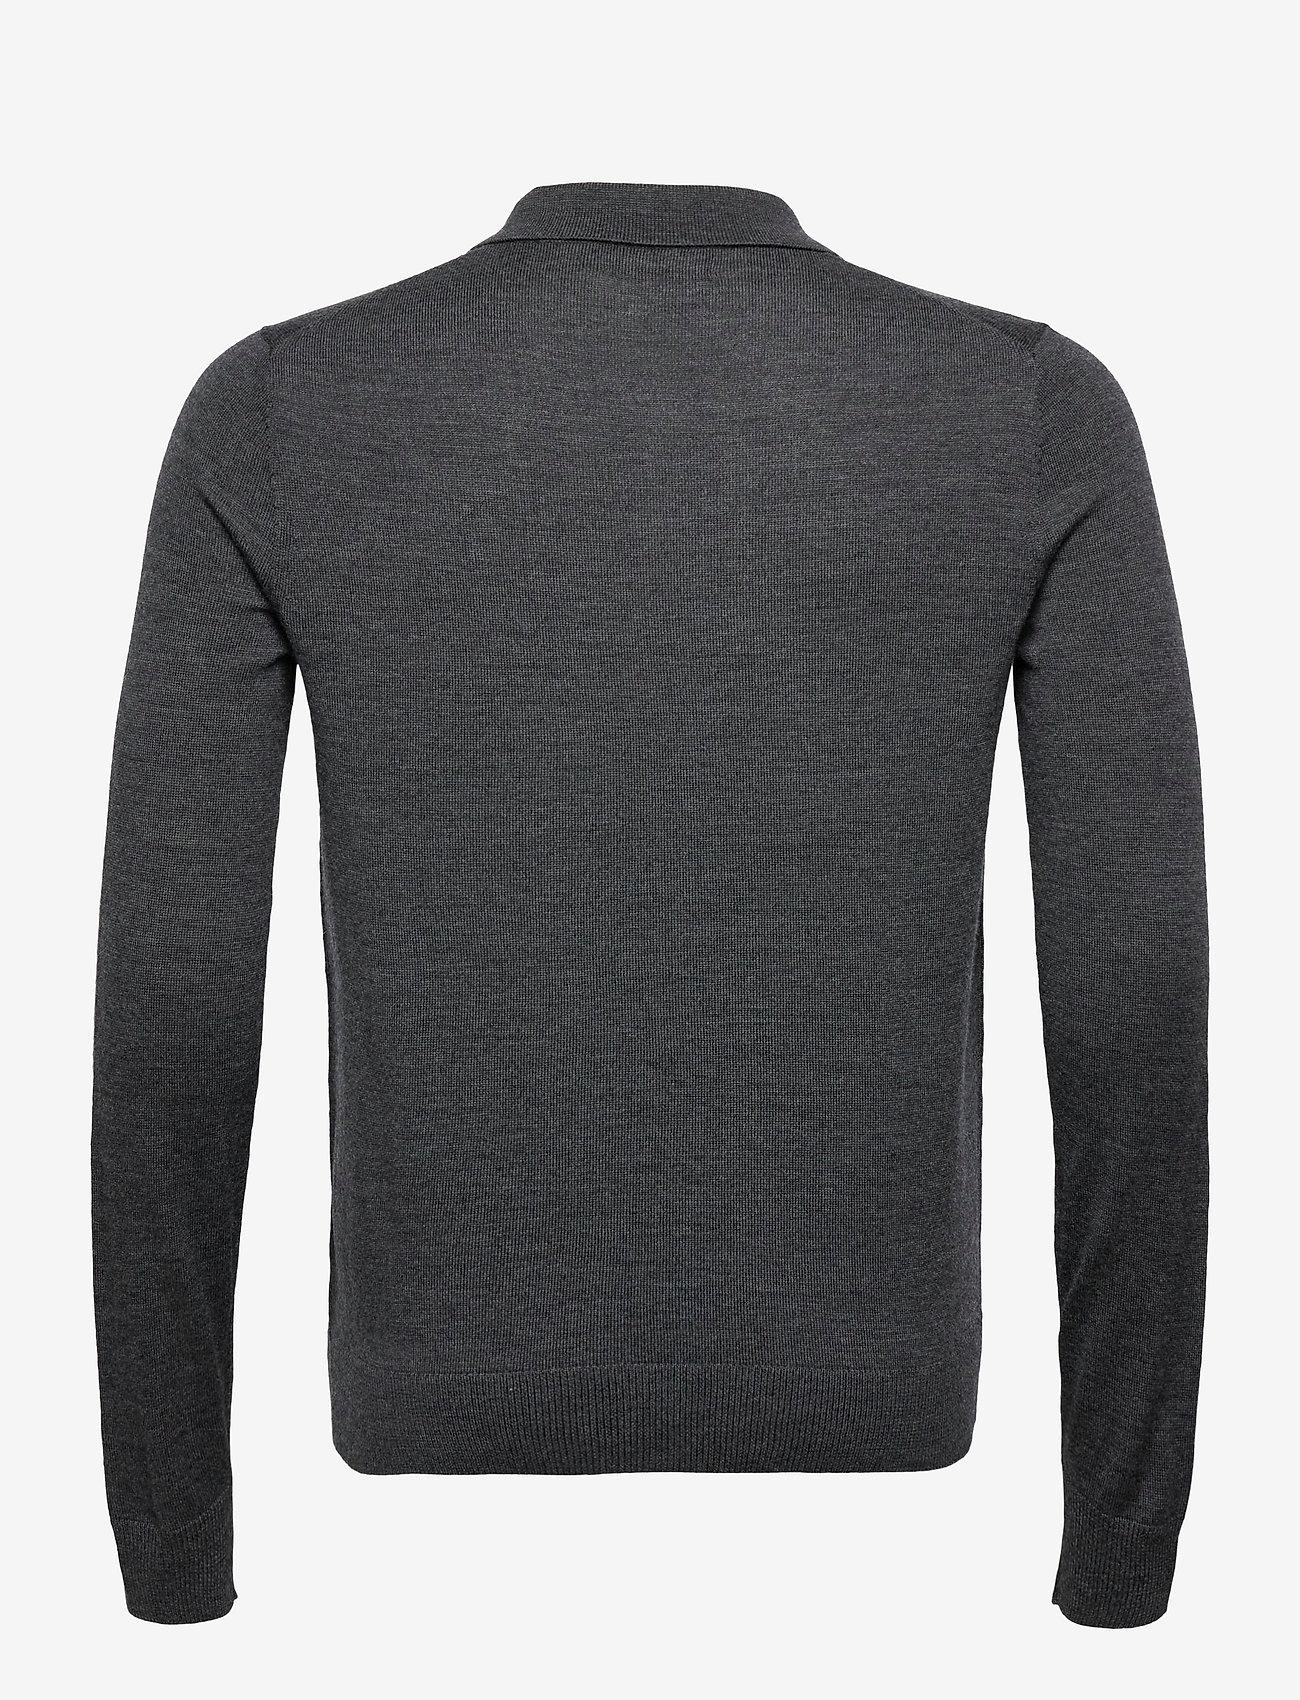 Morris Merino Polo Shirt - Poloskjorter GREY - Menn Klær